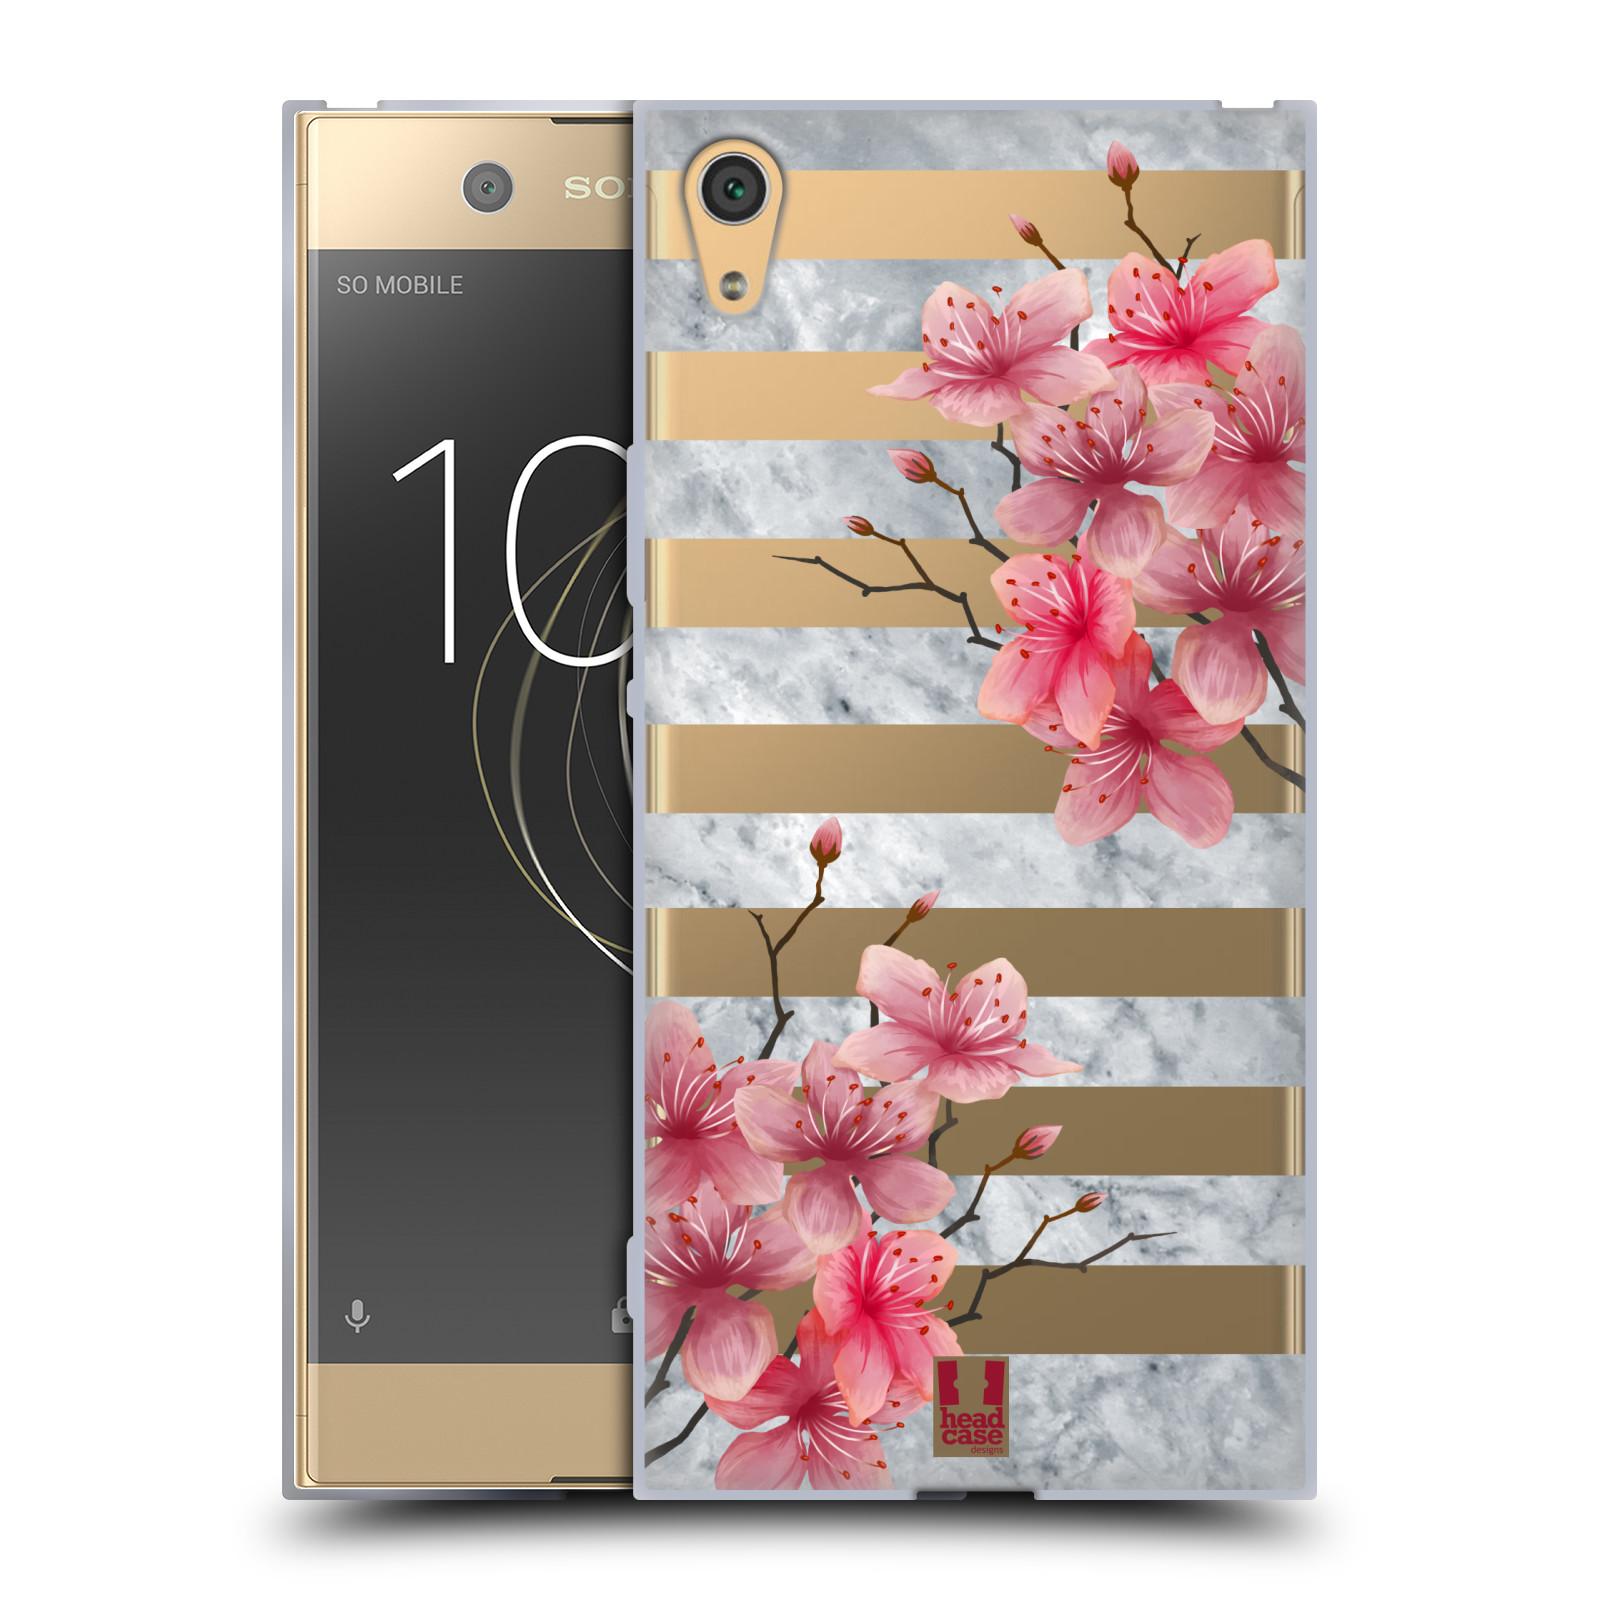 HEAD CASE silikonový obal na mobil Sony Xperia XA1 ULTRA růžové květy v rozkvětu a mramor